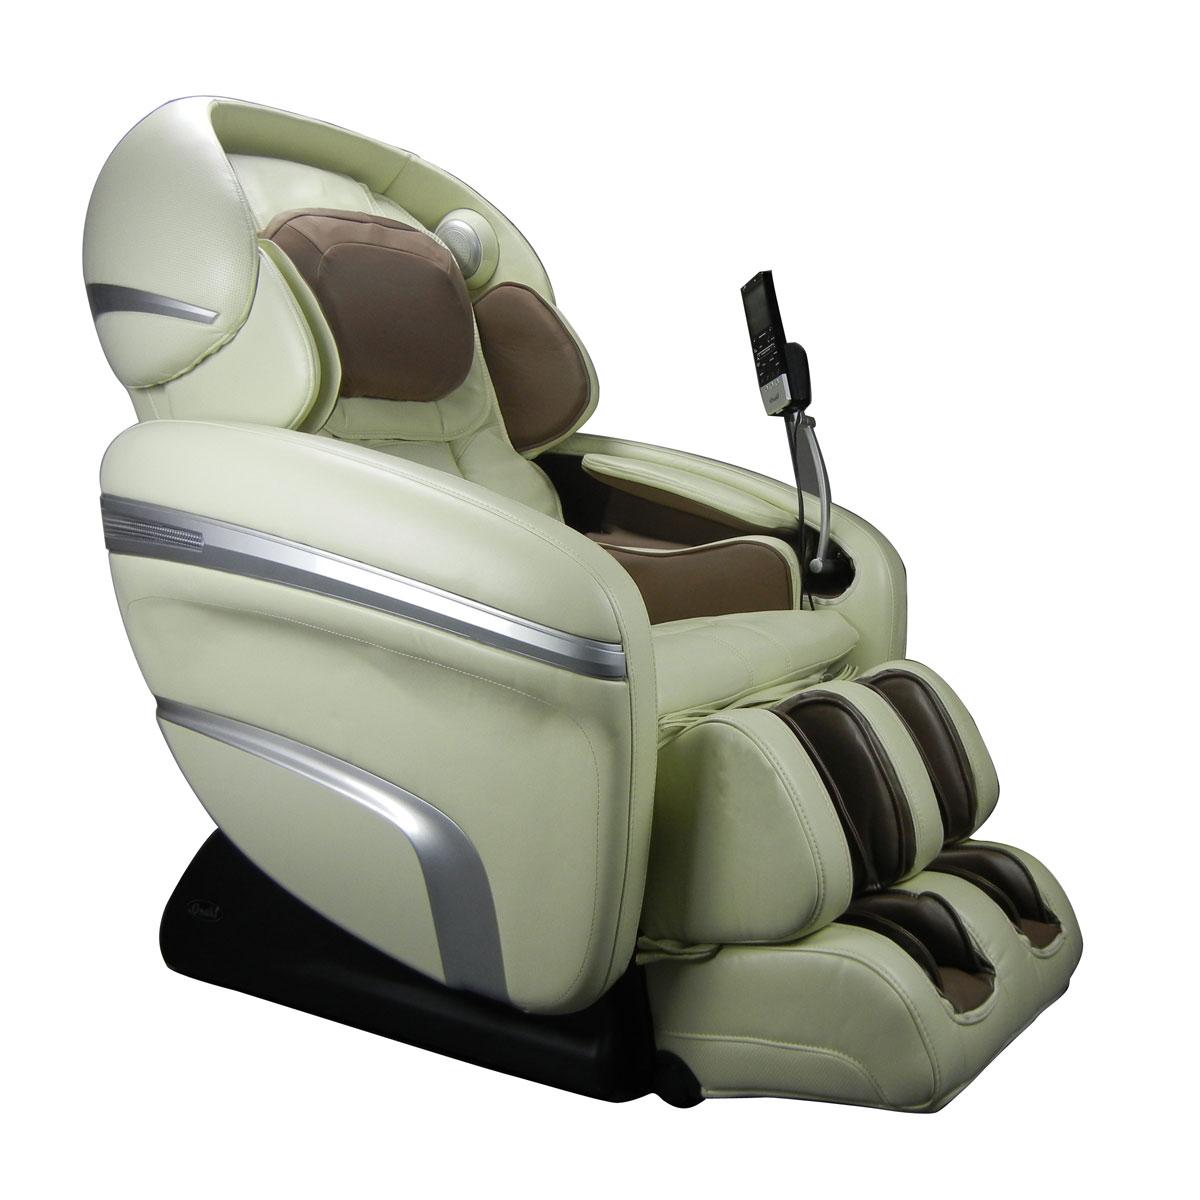 Osaki Os 4000 Deluxe Massage Chair Reviews Osaki OS 4000 Zero